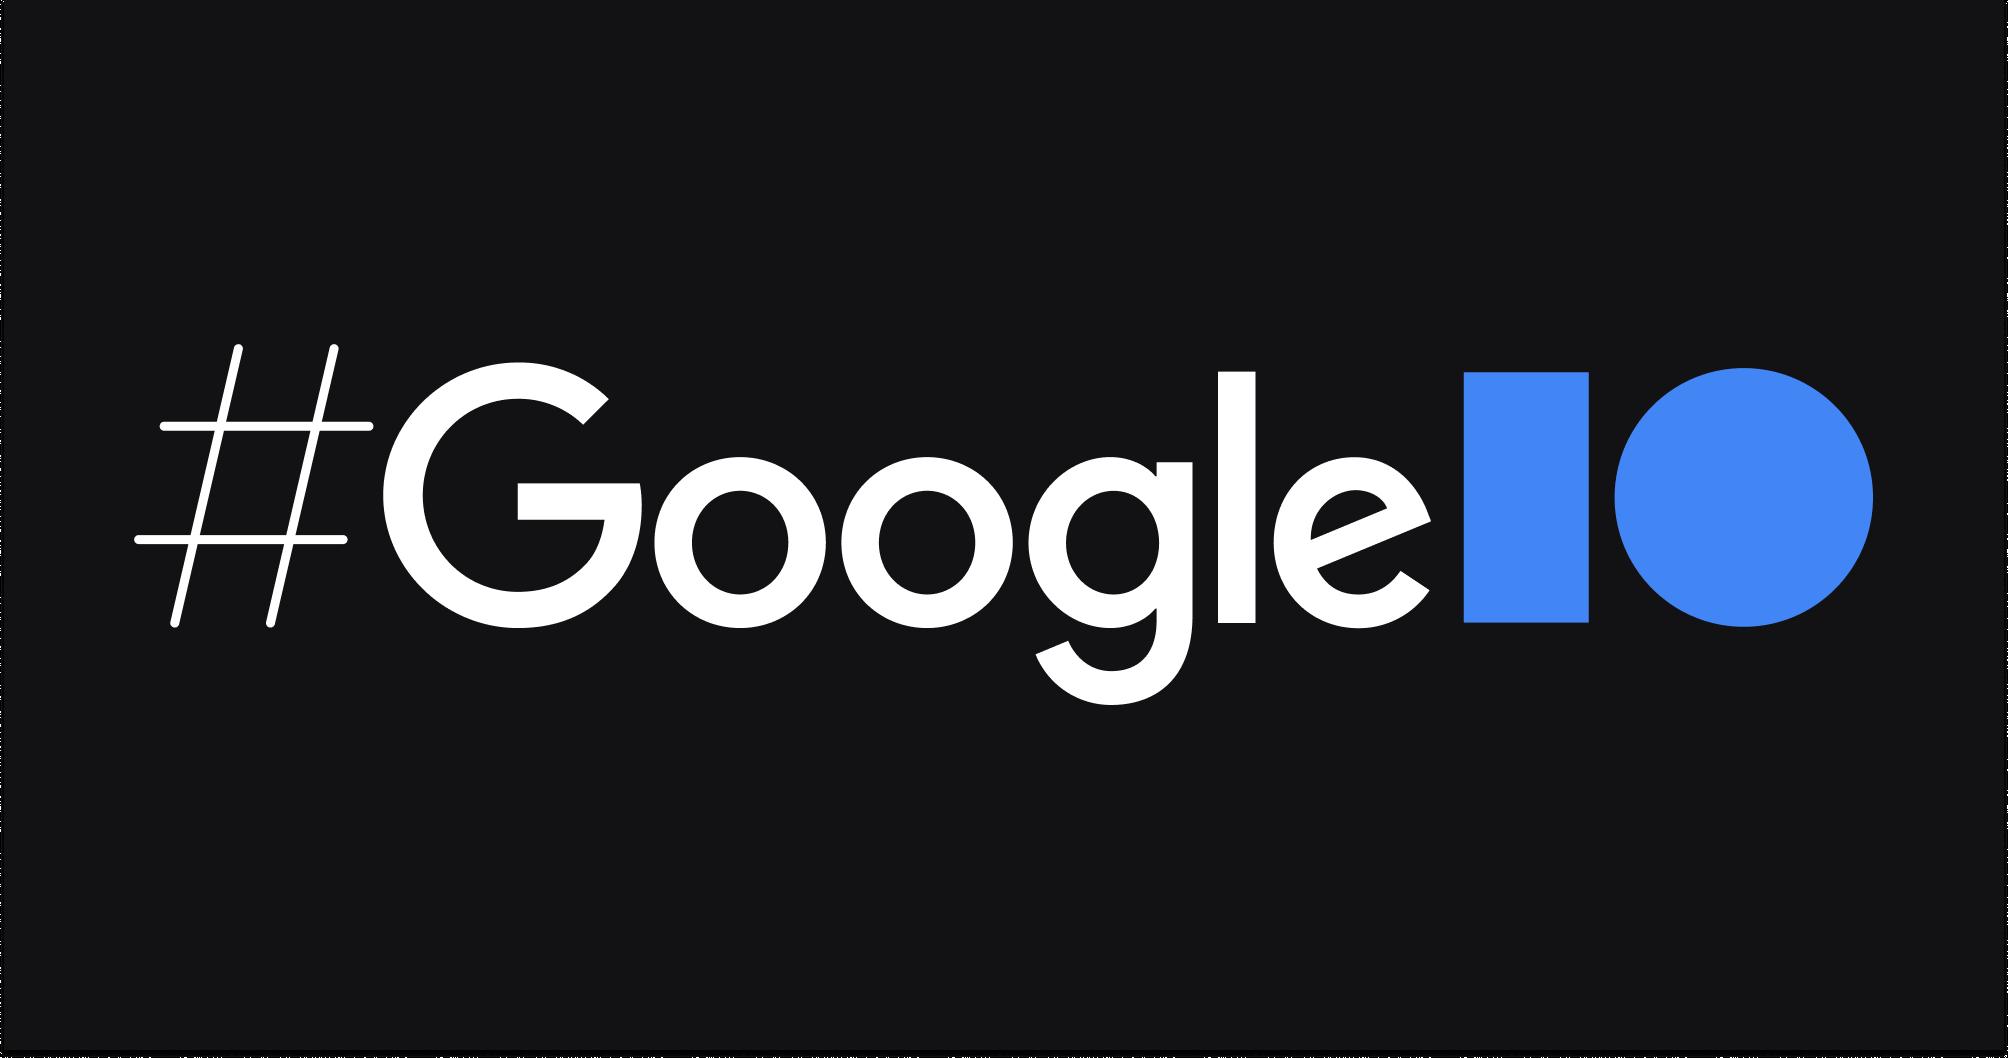 Annonces Google I / O, ce que vous devez savoir; Bref quotidien du vendredi